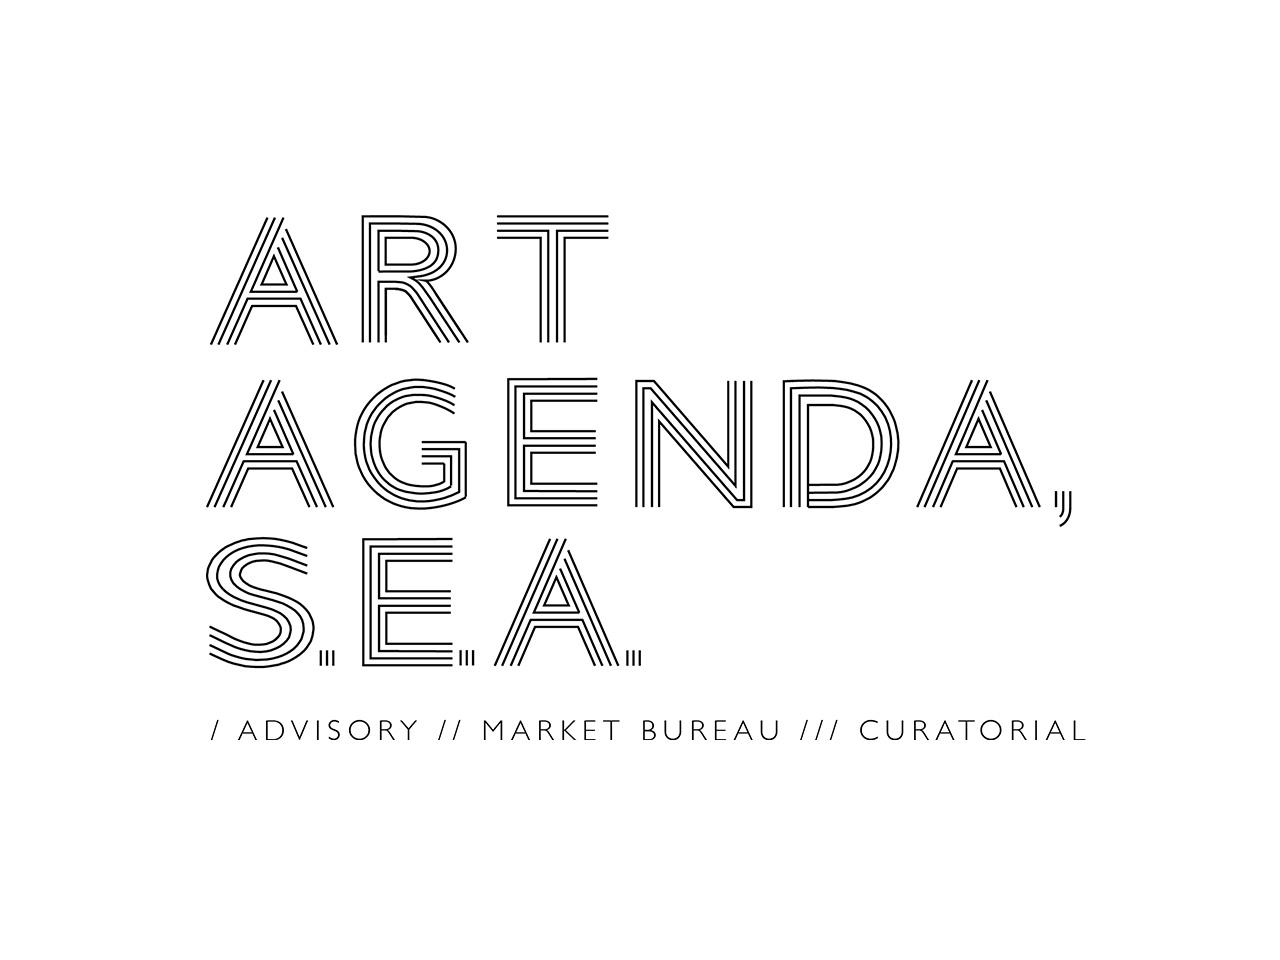 Art Agenda, S.E.A.